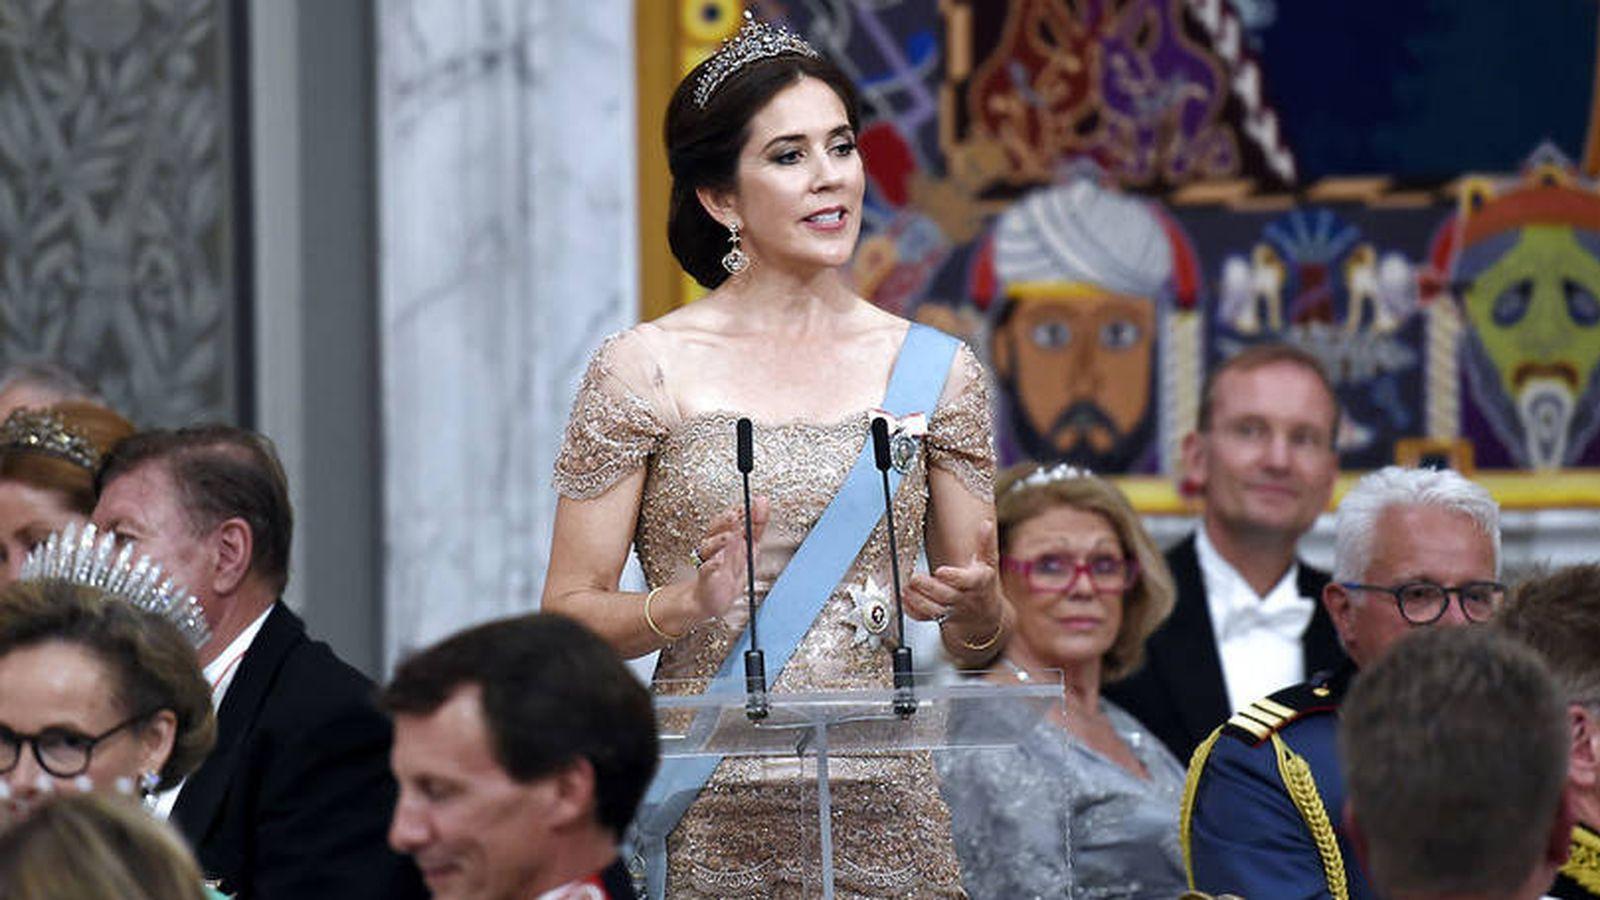 Foto: La princesa Mary de Dinamarca durante el discurso. (Kongehuset)